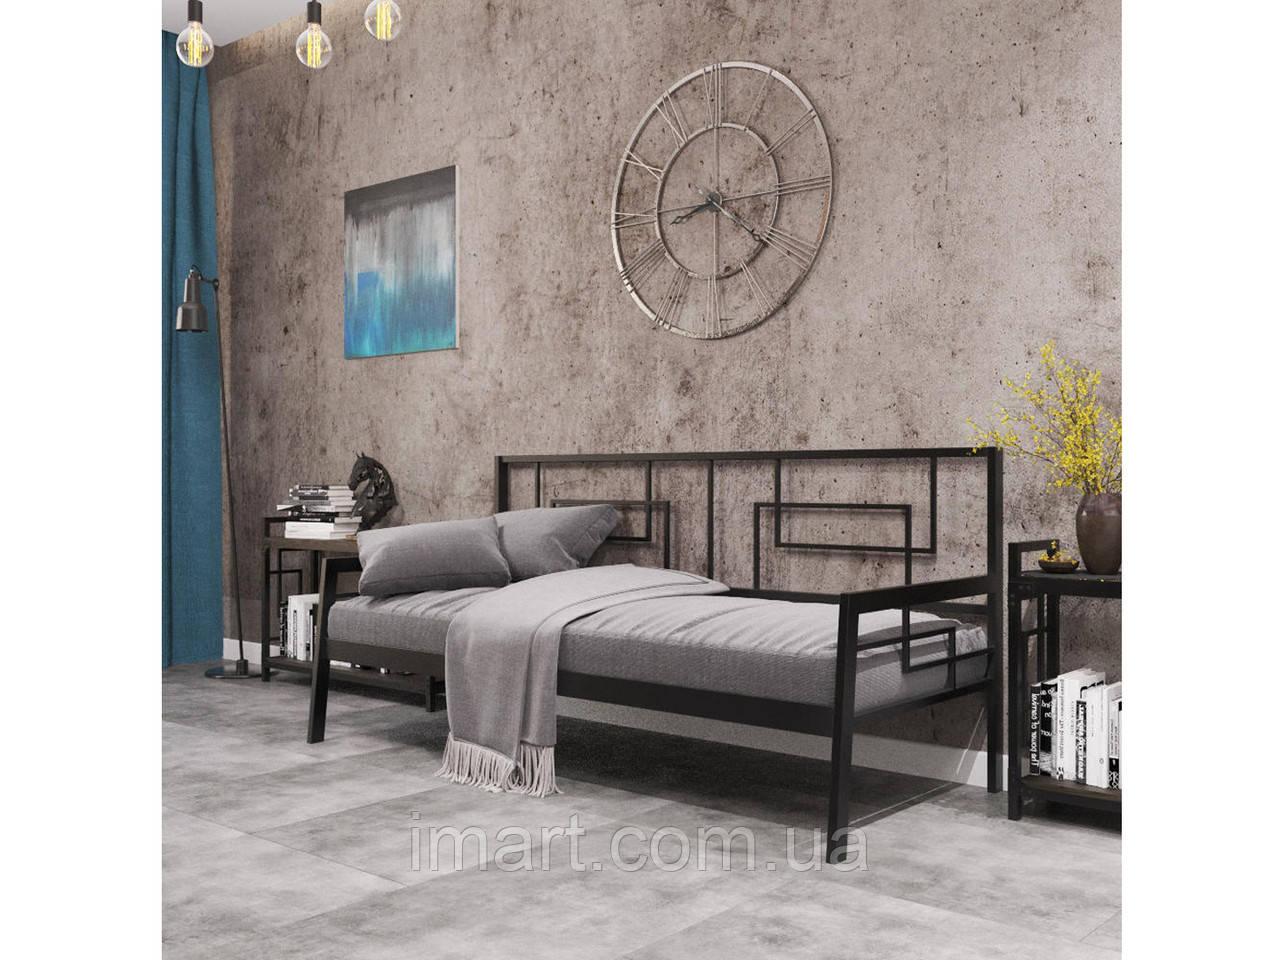 Кровать металлическая Диван Квадро  Loft Металл-Дизайн